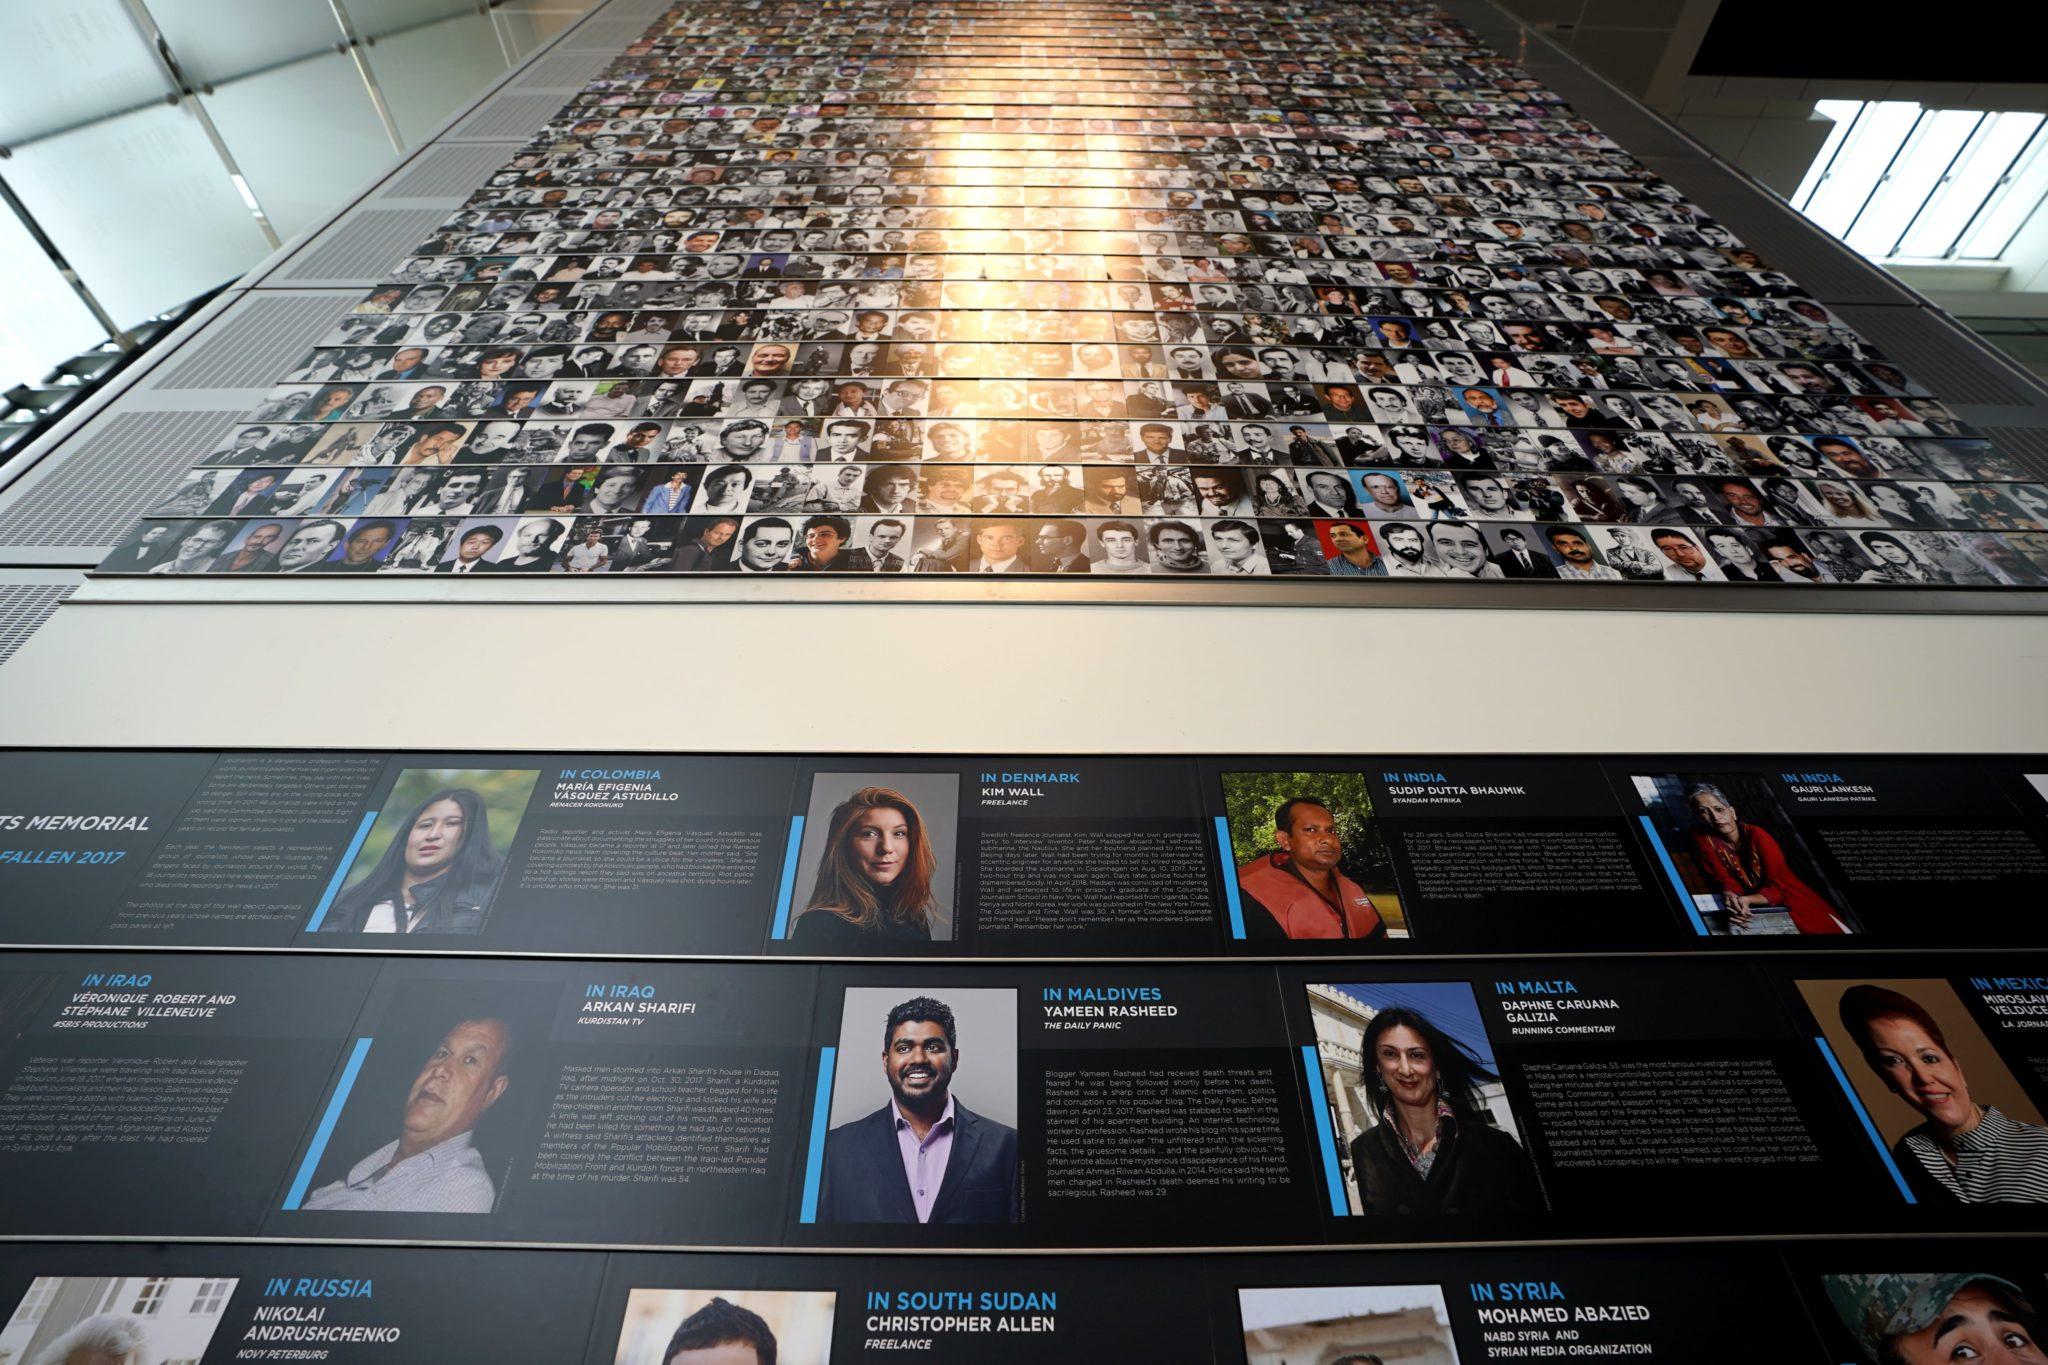 USA, Waszyngton : nazwiska 18 mężczyzn i kobiet, którzy zginęli podczas pracy reporterskiej w 2017 roku. Nazwiska zostały dodane na Newseum's Journalists Memorial. Wśród nazwisk między innymi reporterzy Kim Walll (zabita w Danii) i Mohamed Abazied (zabity w Syrii), fot: Jim Lo Scalzo, PAP/EPA